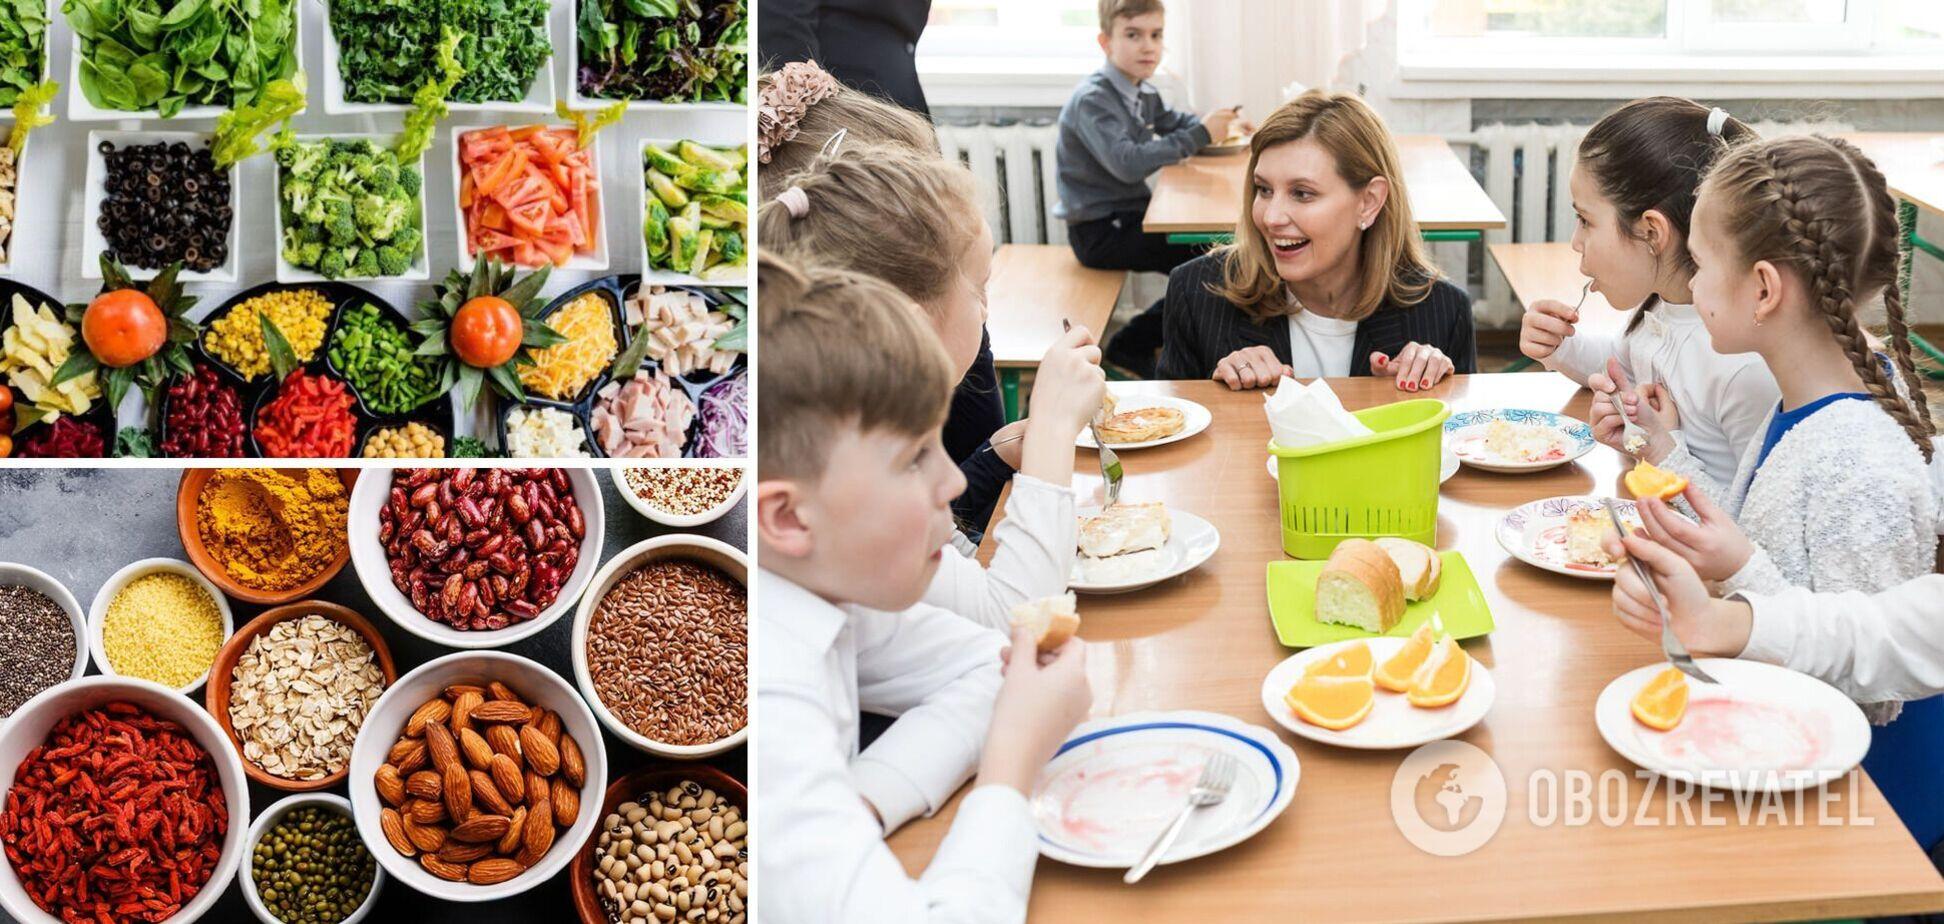 Мінестроне, шулики з маком і жодних сосисок: розповідаємо про основні зміни у шкільному харчуванні